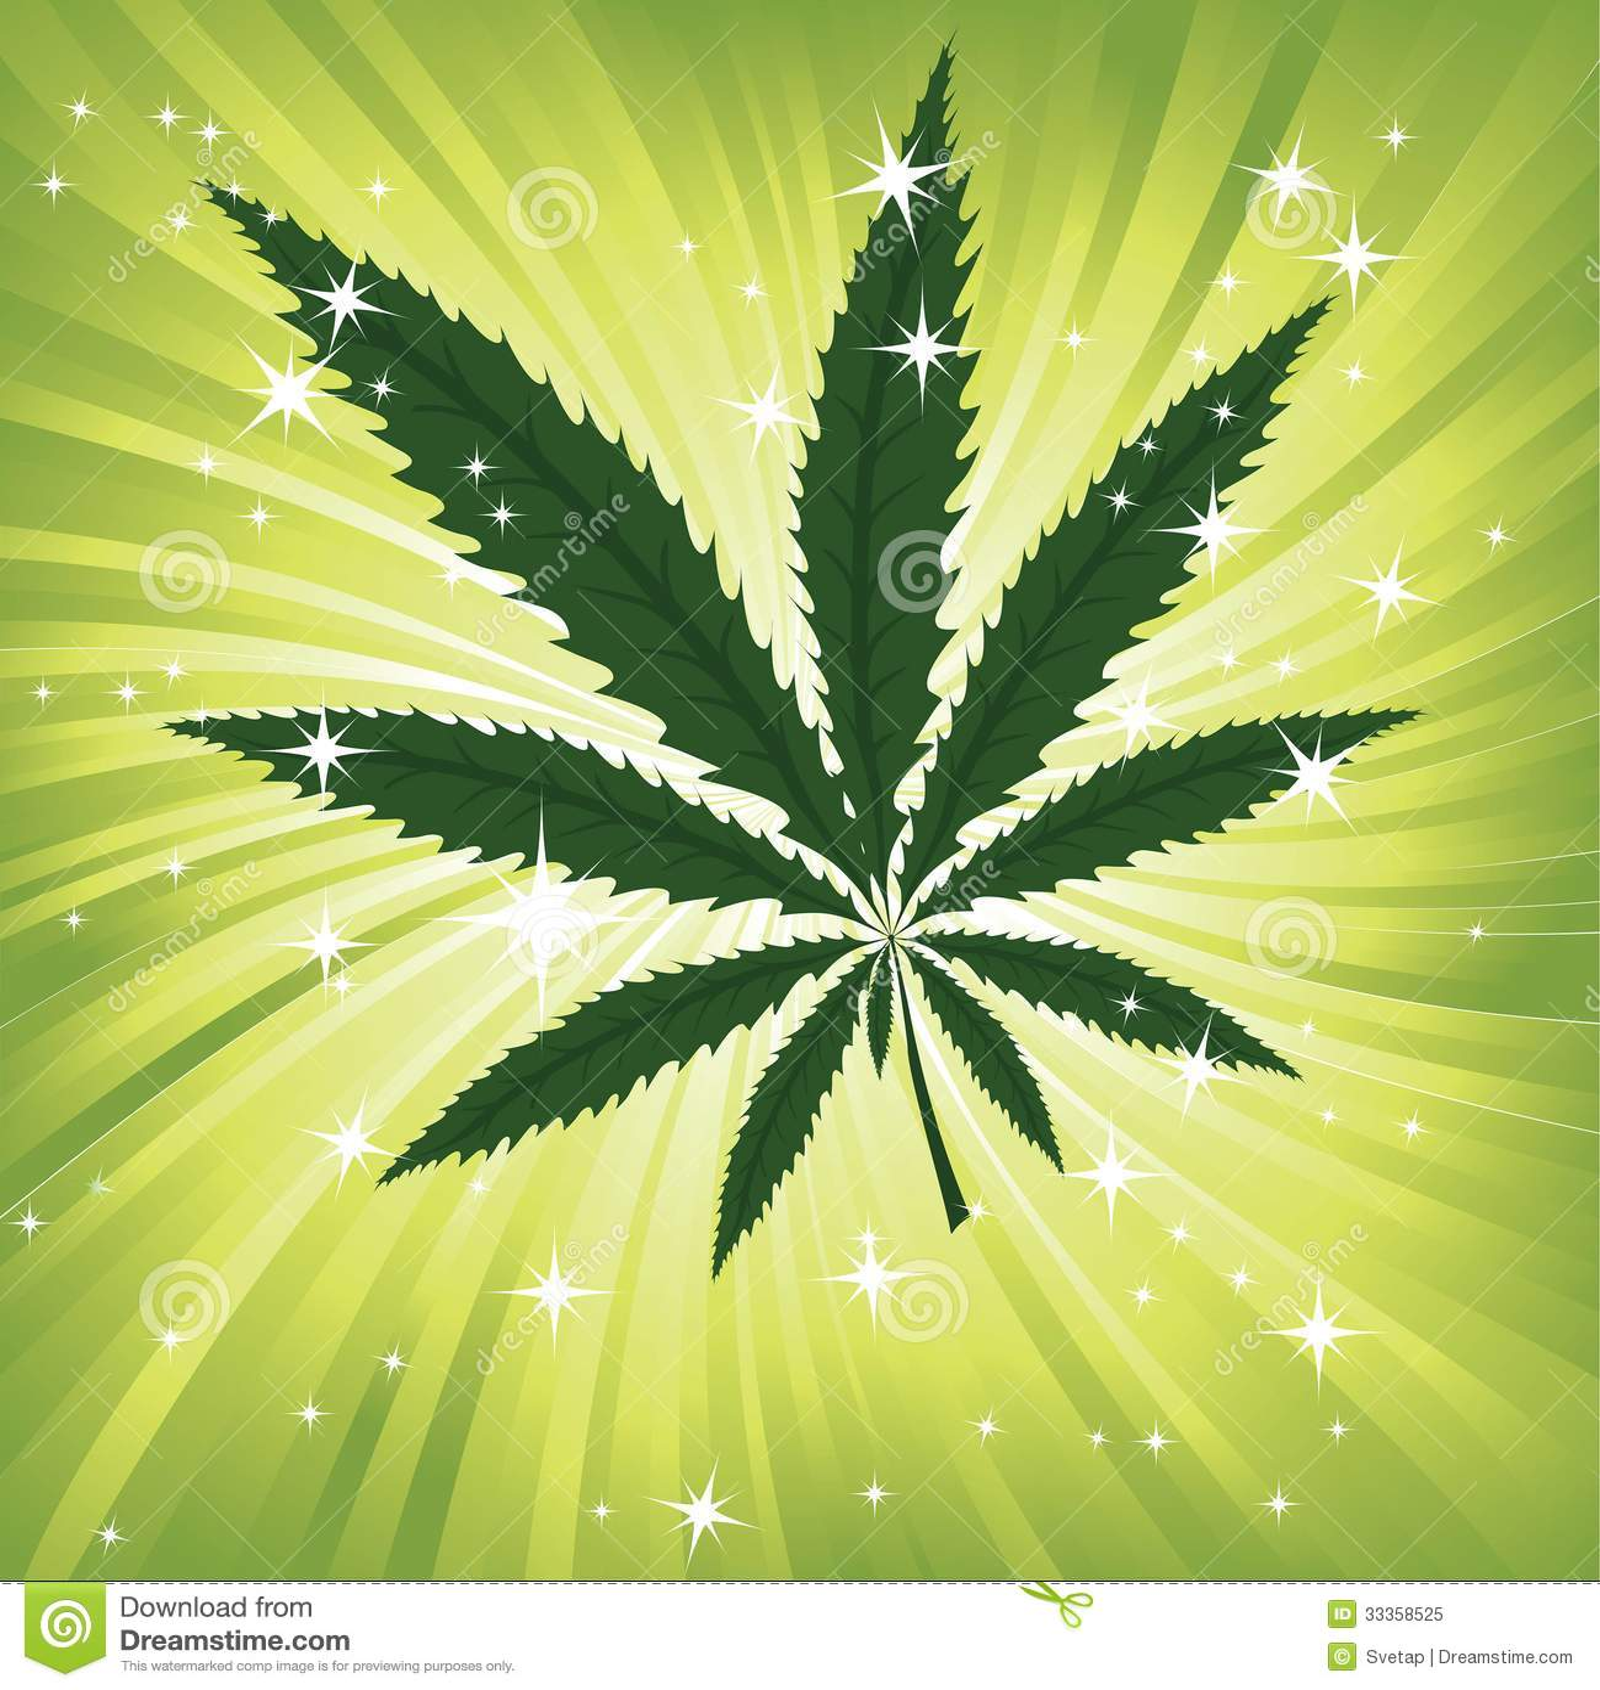 Leaf space background texture vector marijuana leaves illustration